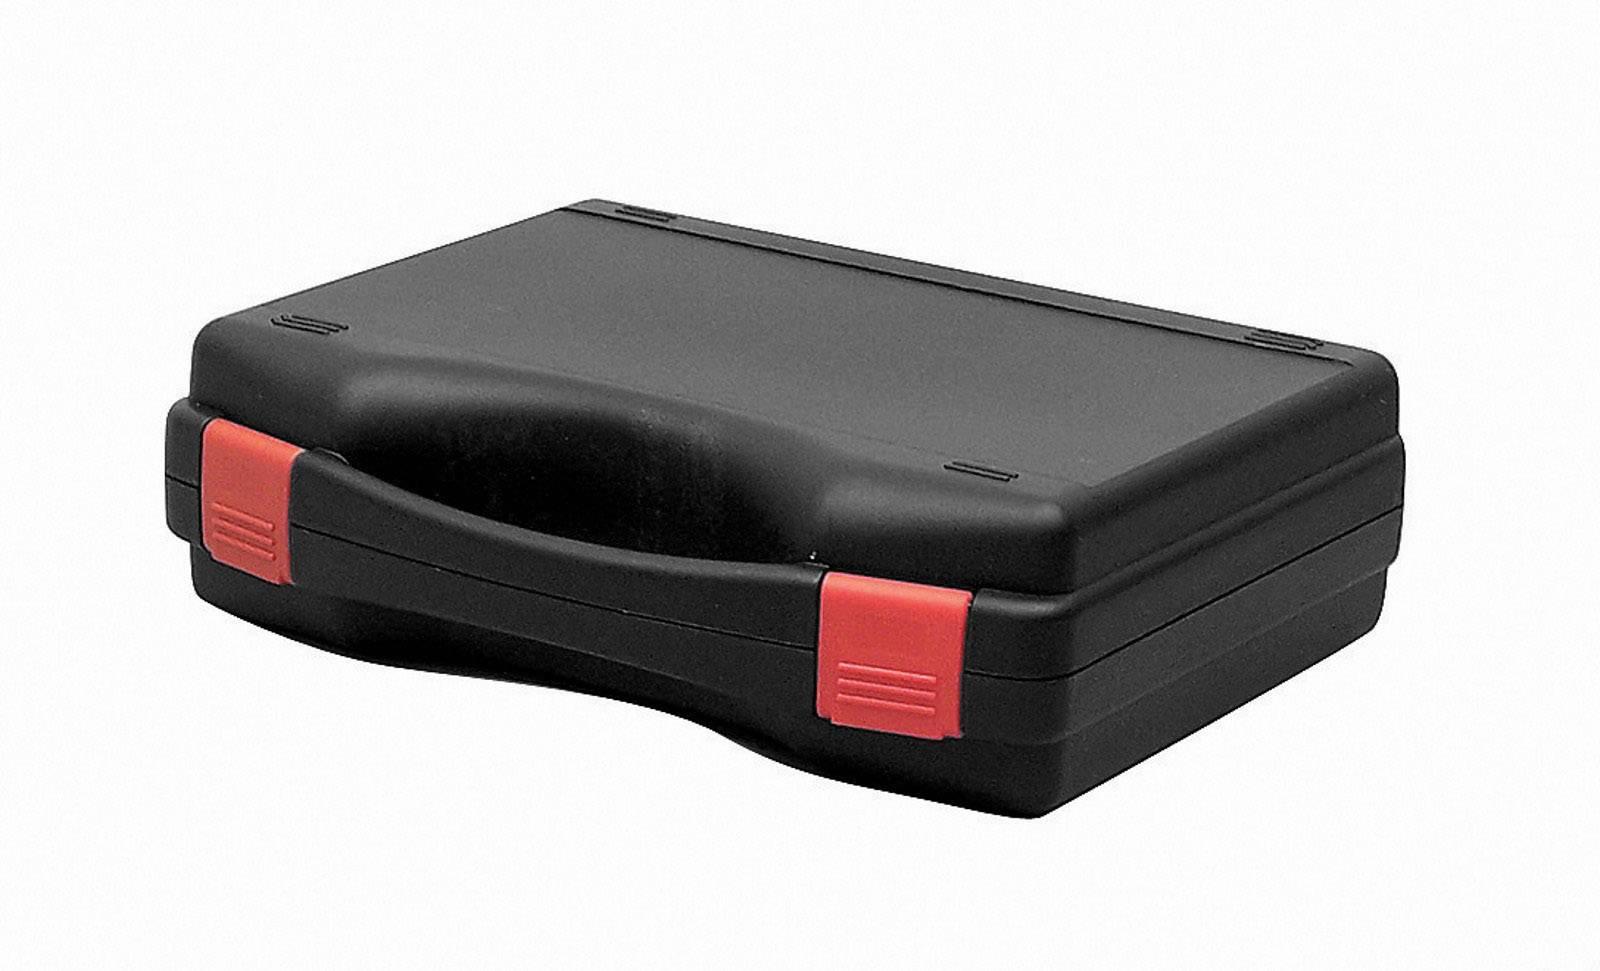 Kufřík na nářadí VISO TEKNO2003, (d x š x v) 255 x 210 x 72 mm